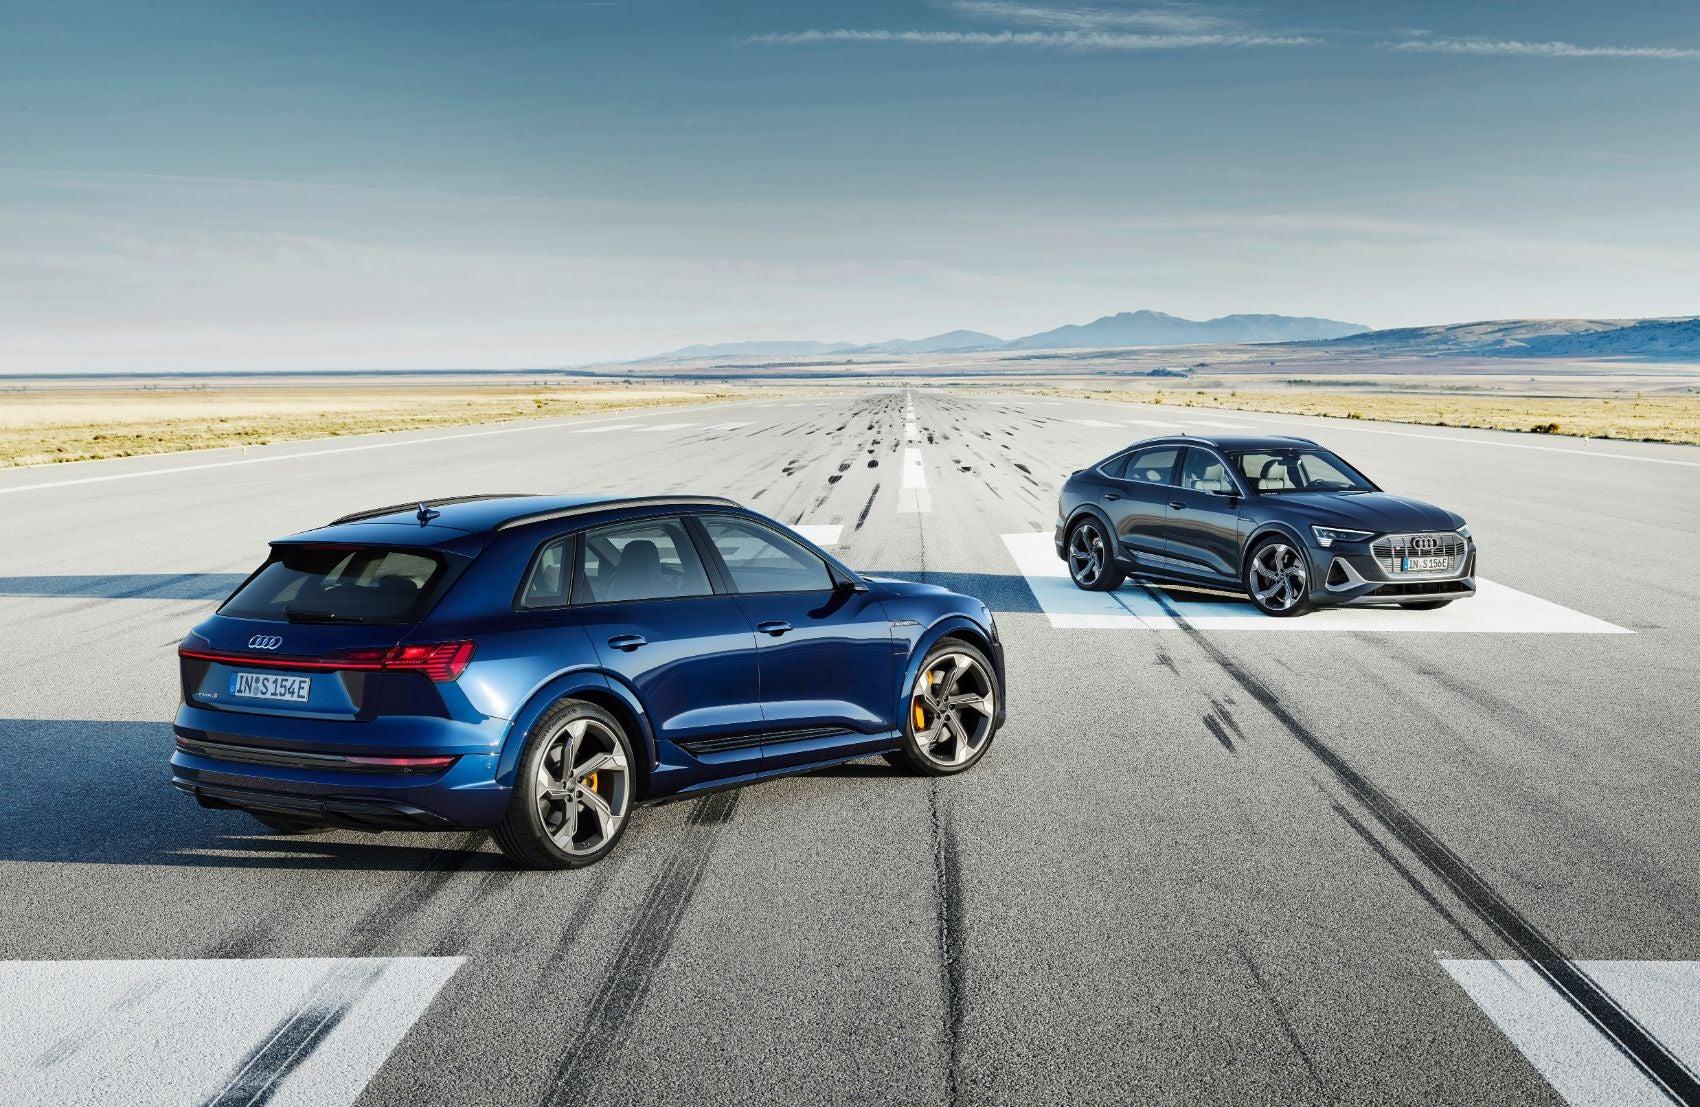 2022 Audi e-tron S & e-tron S Sportback: Three Motors, Torque Vectoring & More Aggressive Styling